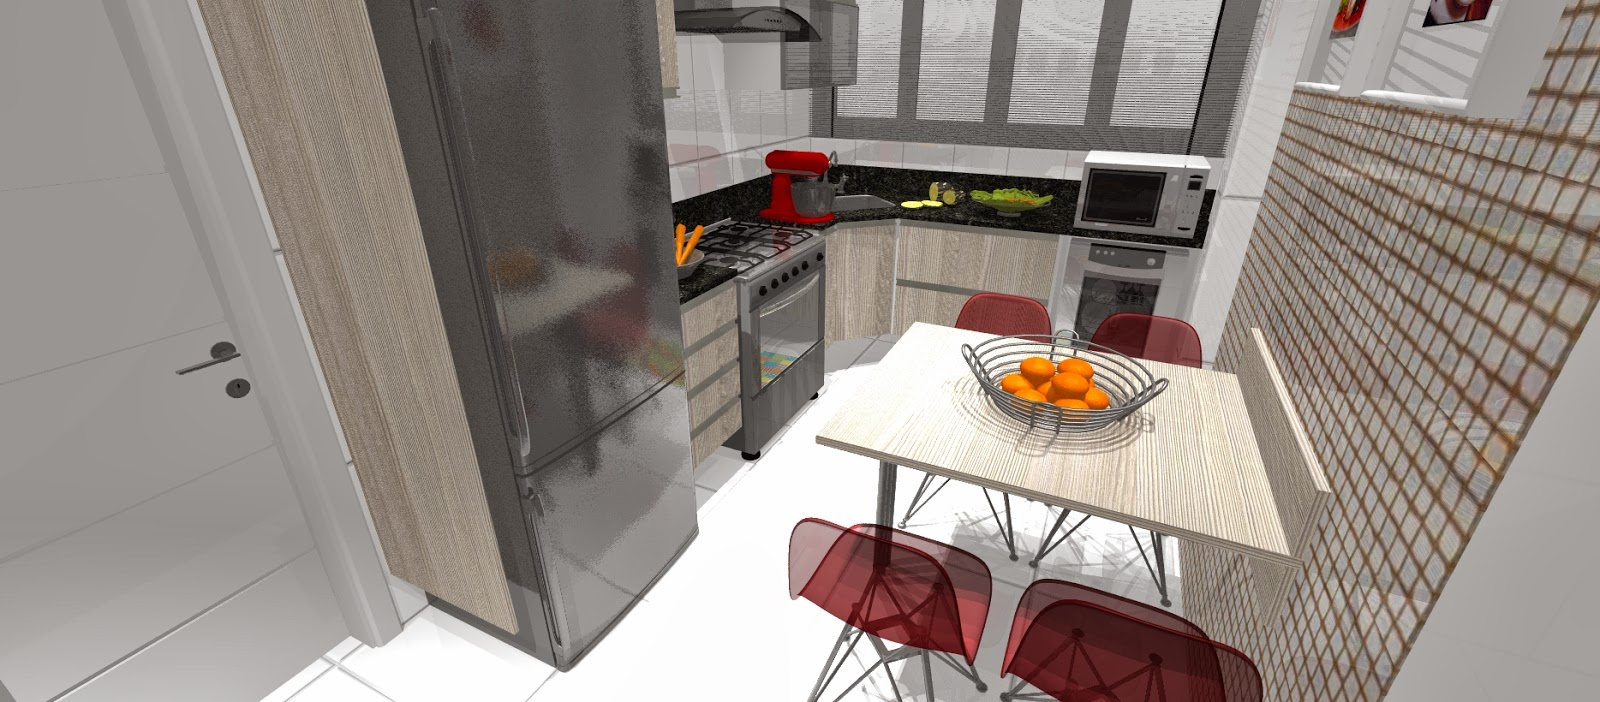 Cozinha Com Lava Loua Lava Loua Inox De Encastrar Pia E Escorredor